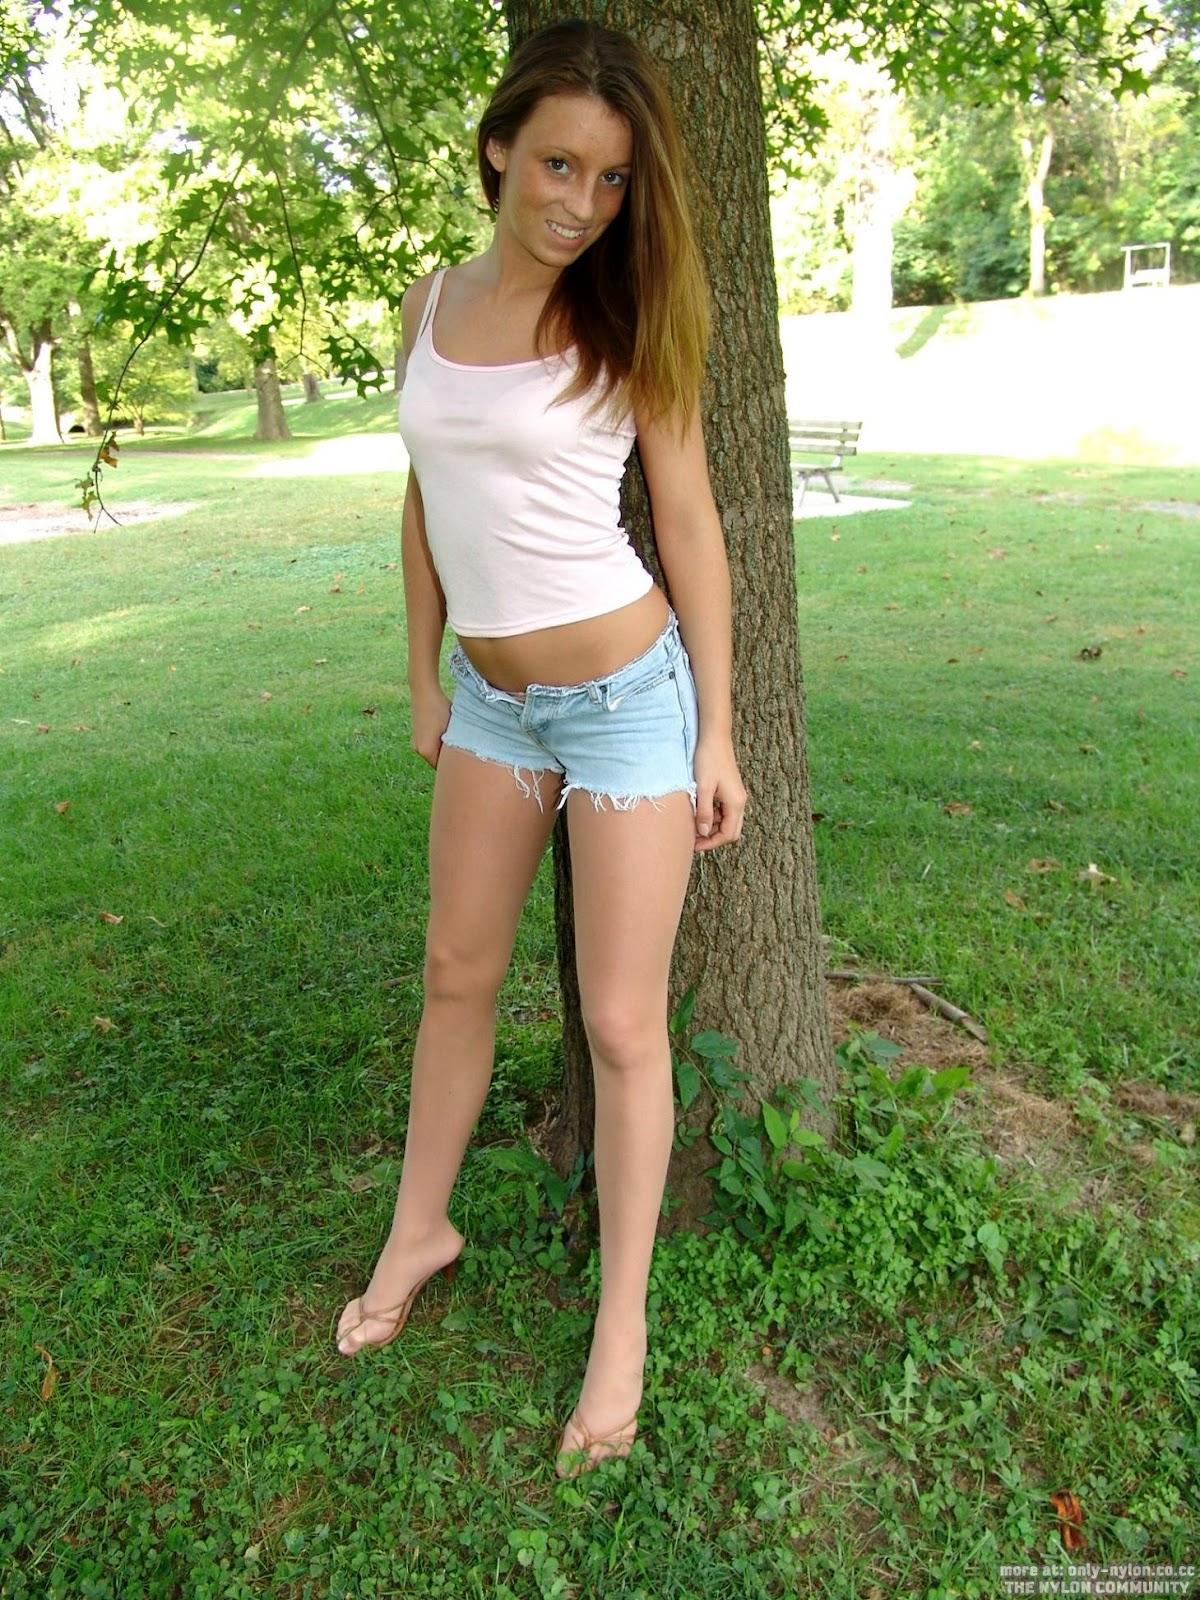 Daisy dukes and pantyhose pics